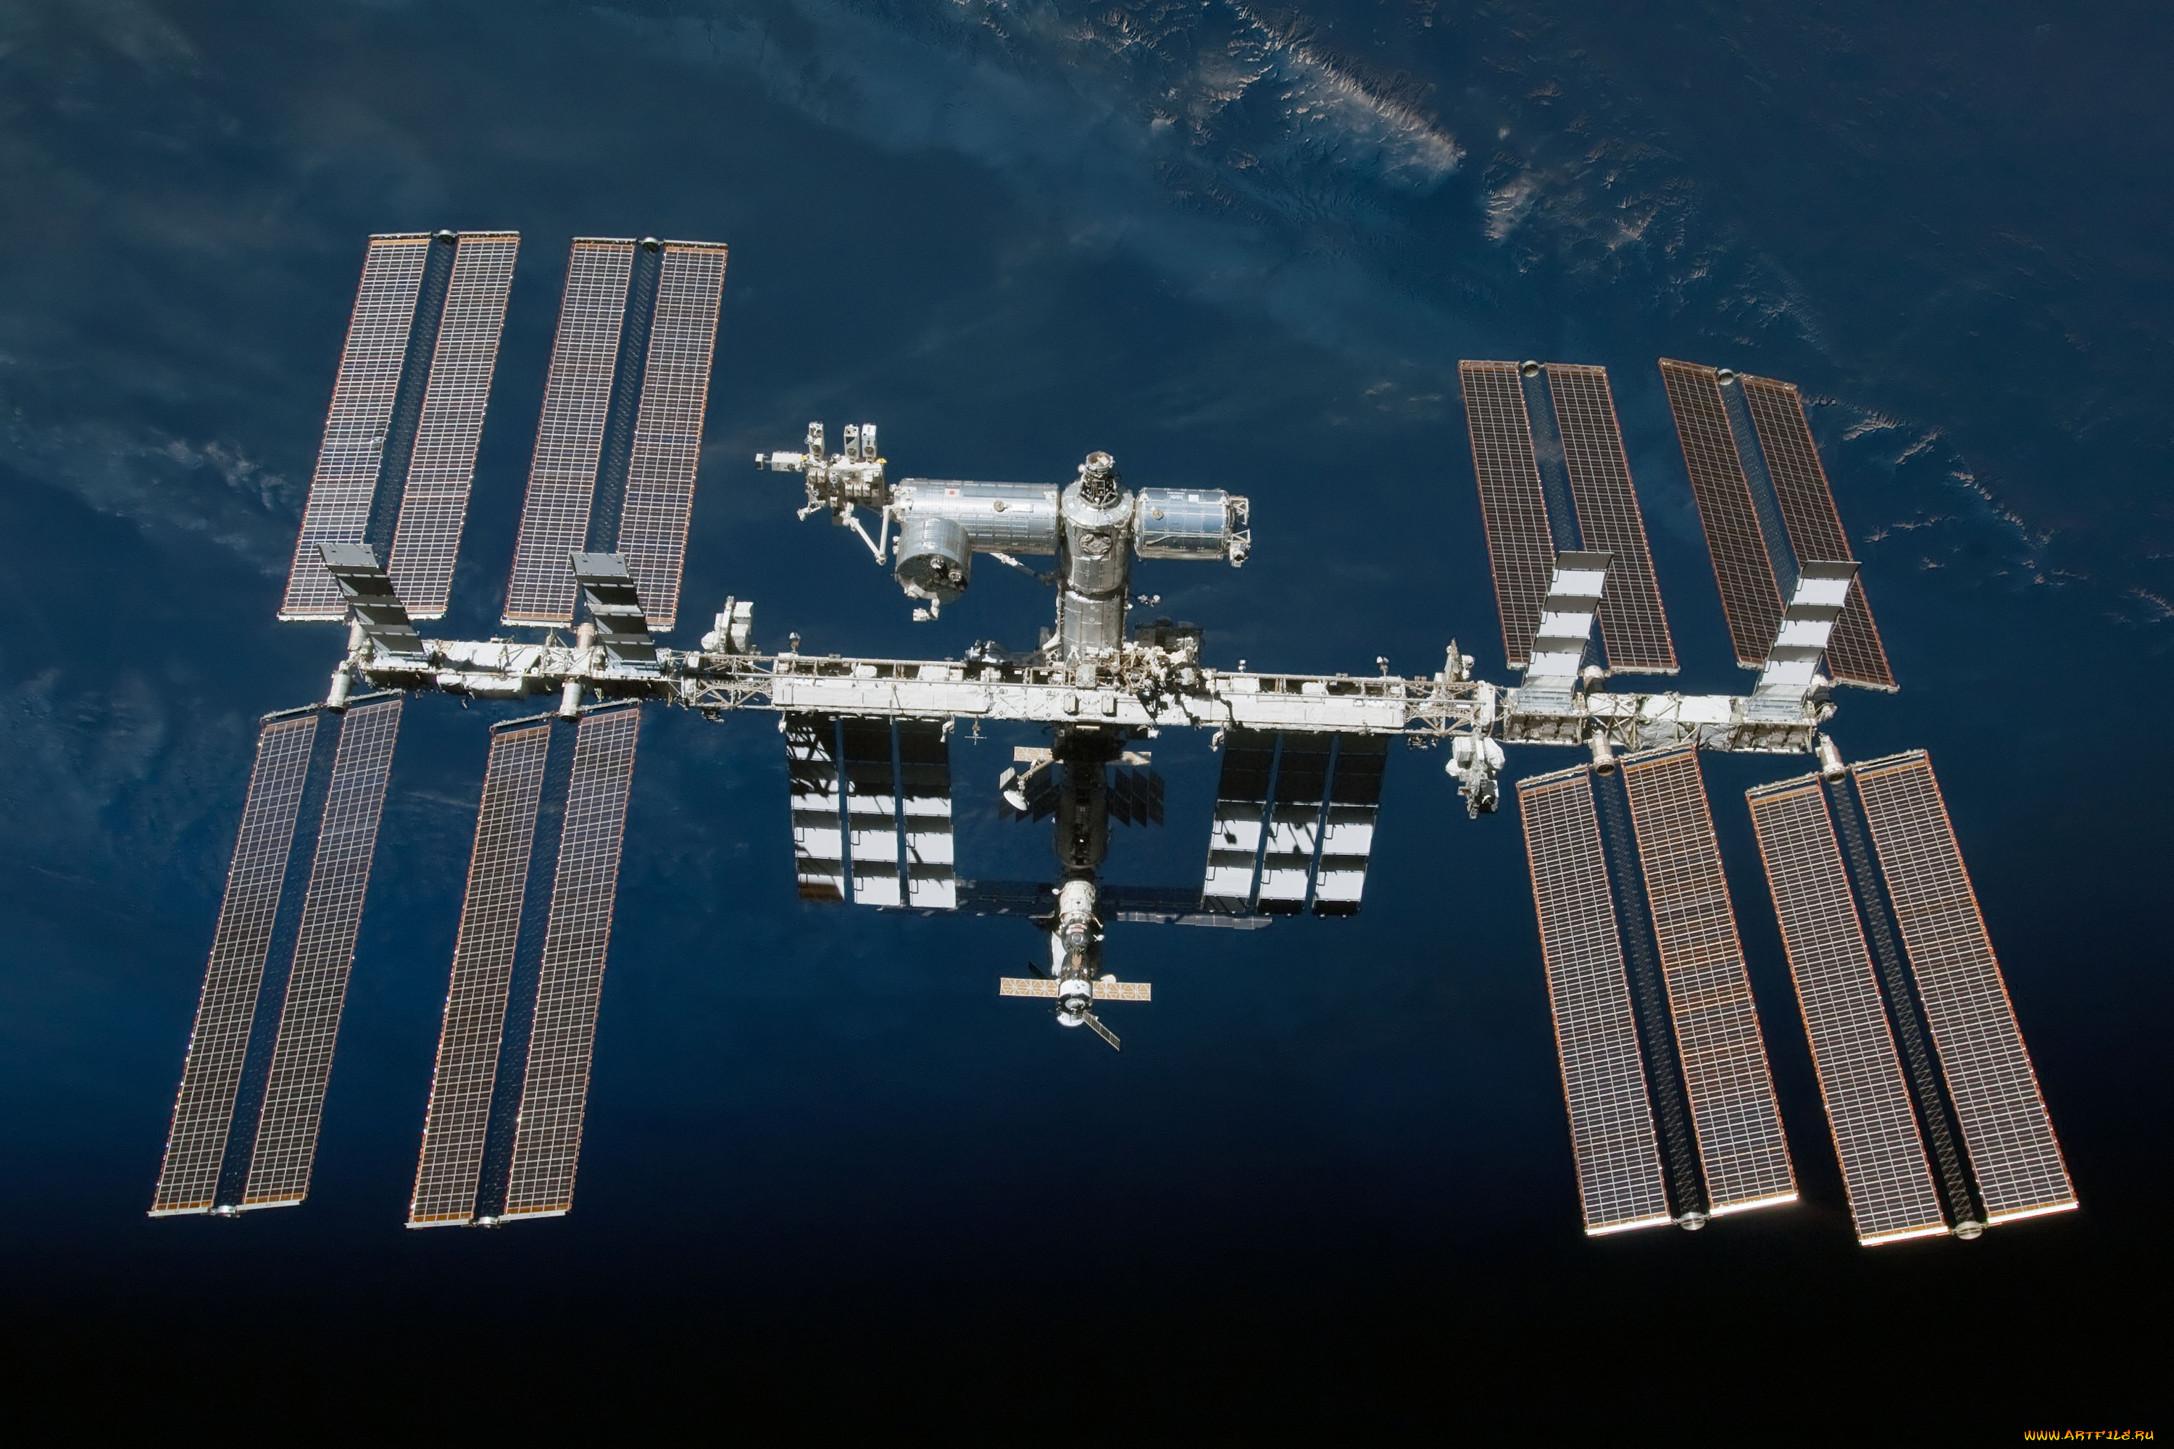 фото космической станции мир собой глубоко вдающийся